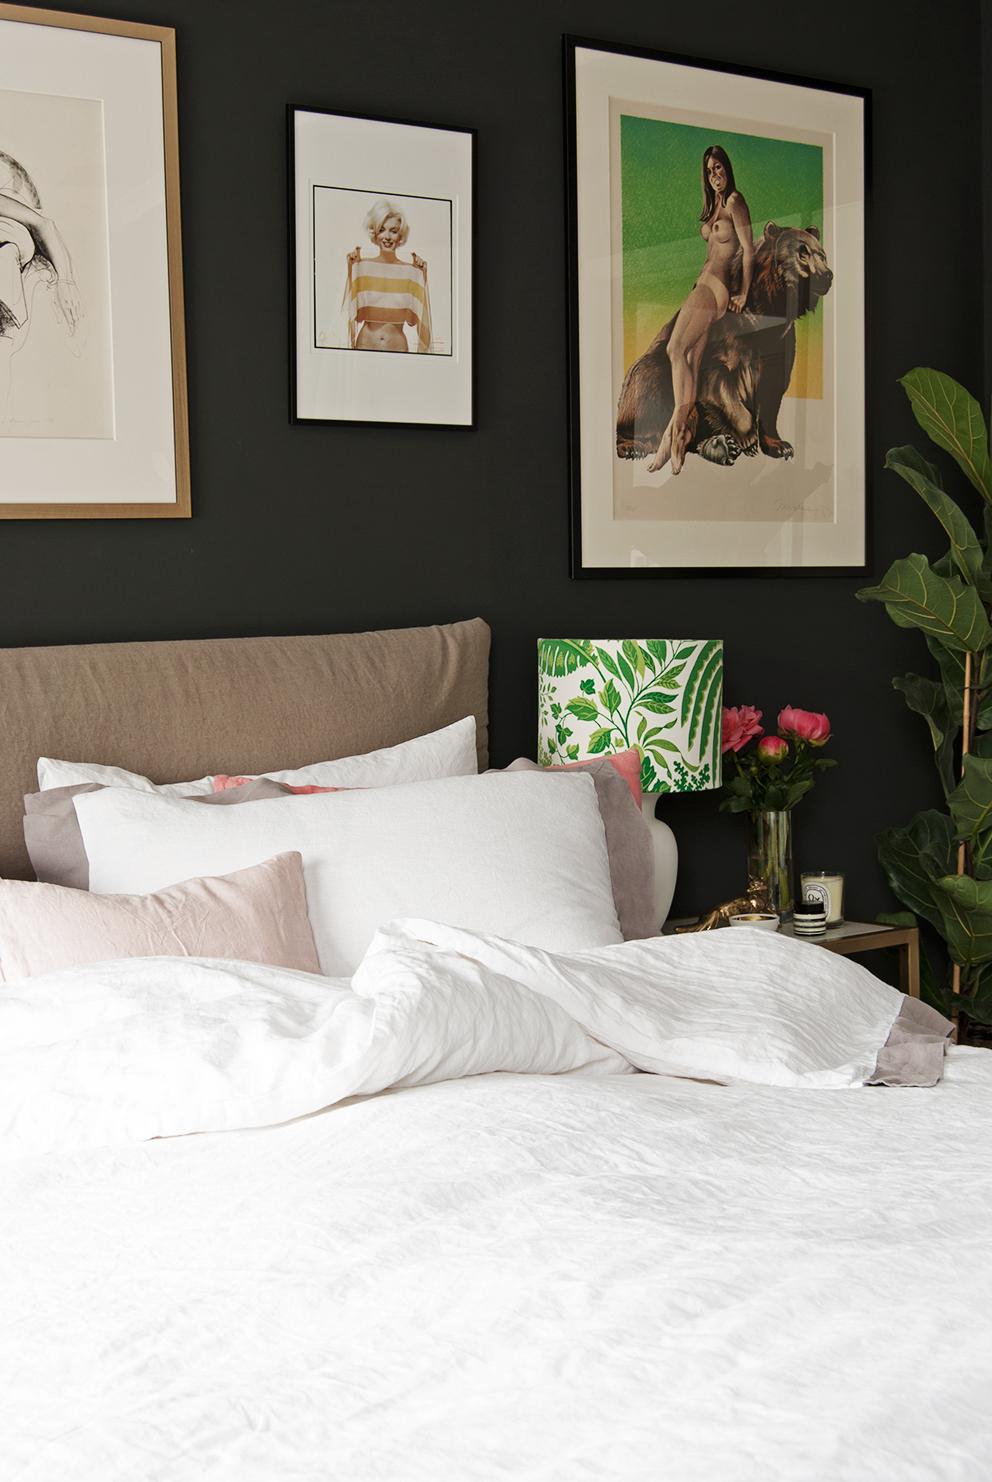 Pineapple Bedroom Furniture Summer Bedroom With Soaksleep F R E N C H F O R P I N E A P P L E